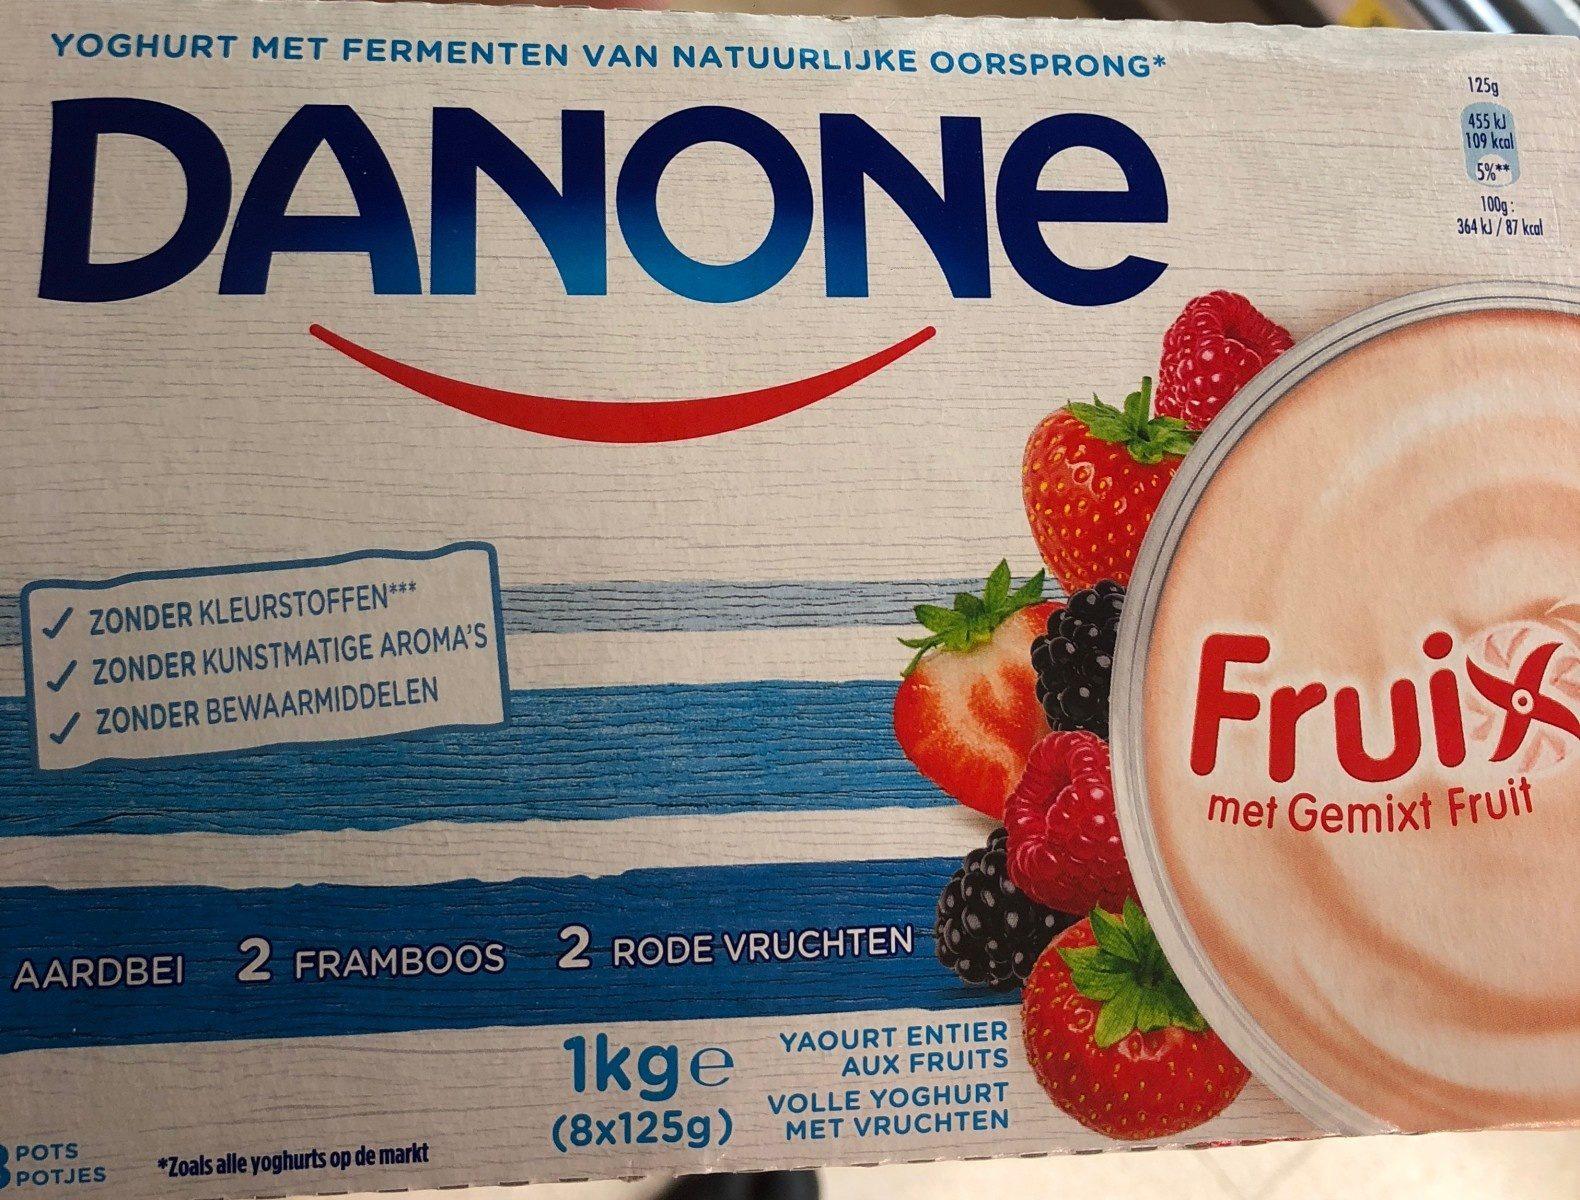 Fruix met gemixt fruit - Prodotto - fr